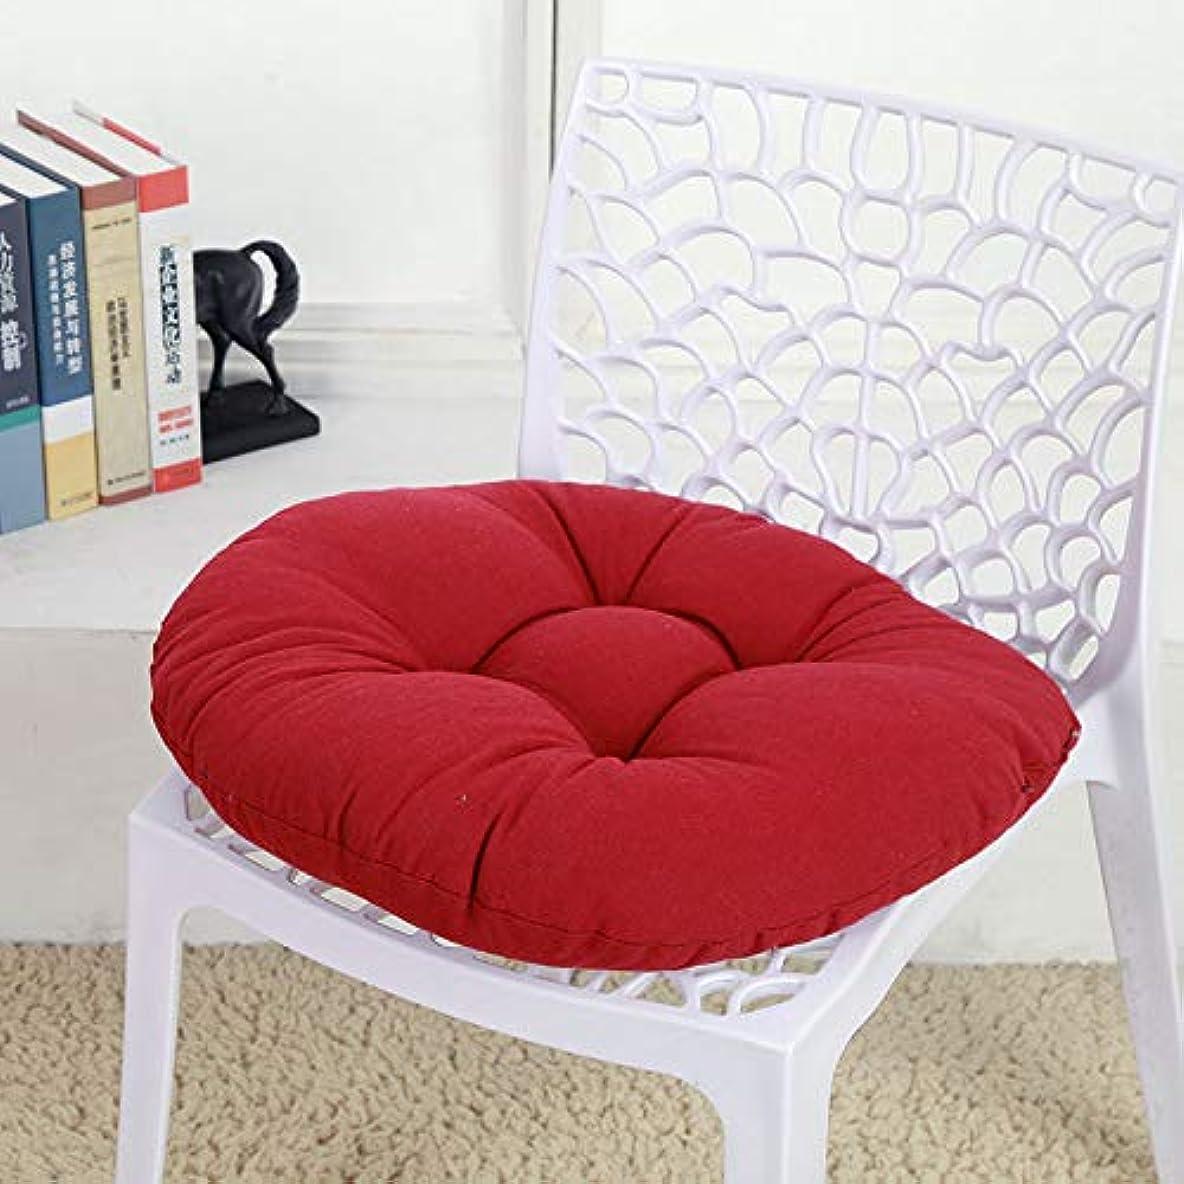 病反対に先住民SMART キャンディカラーのクッションラウンドシートクッション波ウィンドウシートクッションクッション家の装飾パッドラウンド枕シート枕椅子座る枕 クッション 椅子